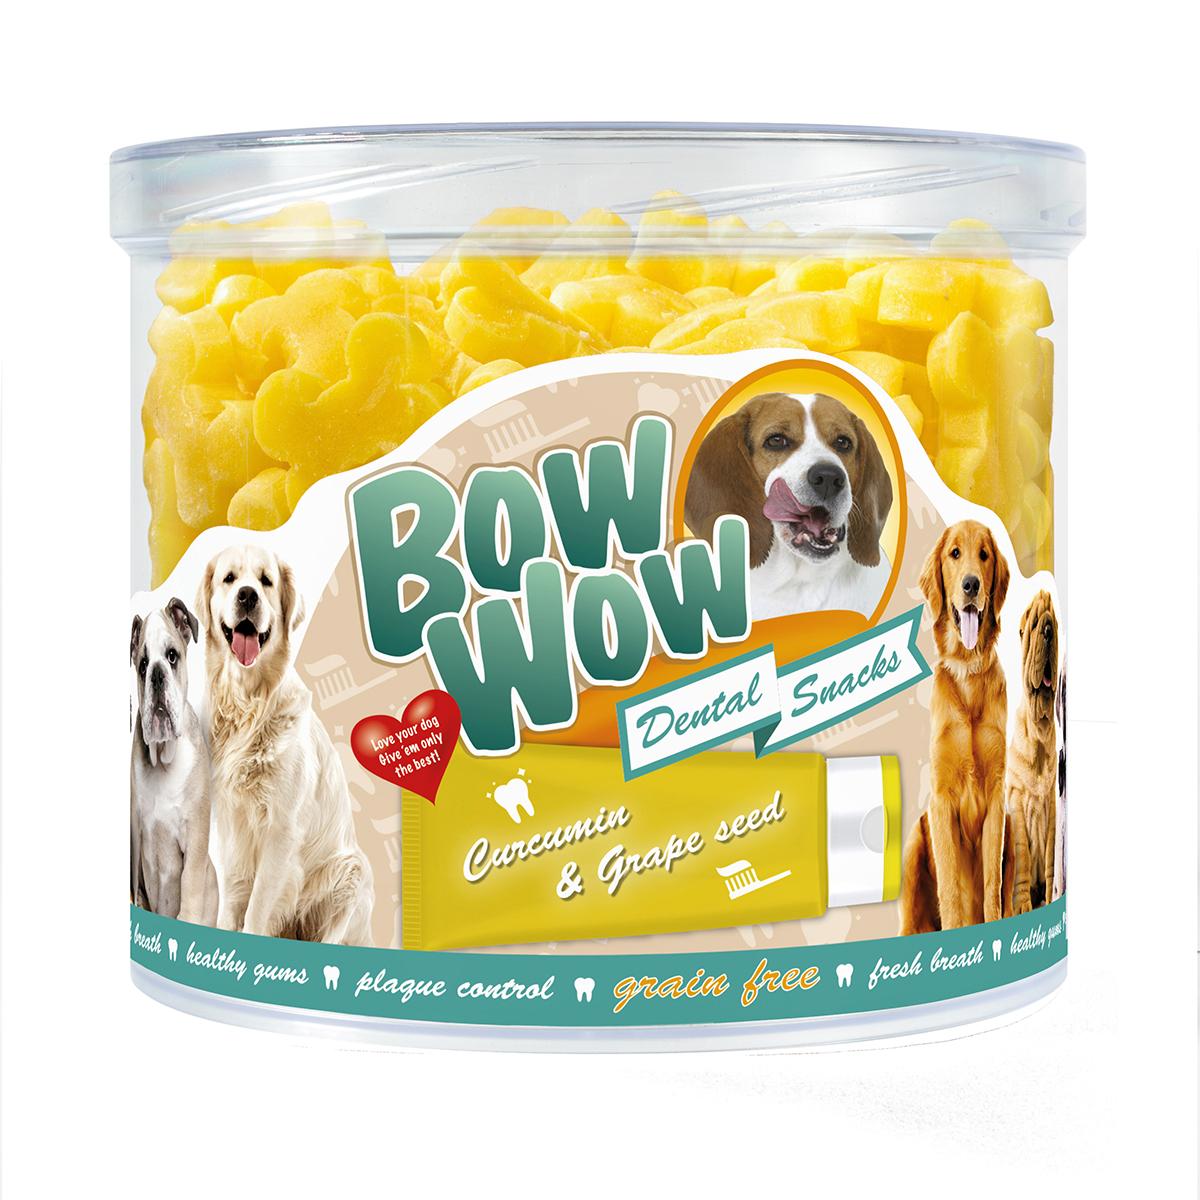 Productafbeelding voor 'Bow wow - graanvrije dental bones meerkleurig 1,2 kg'